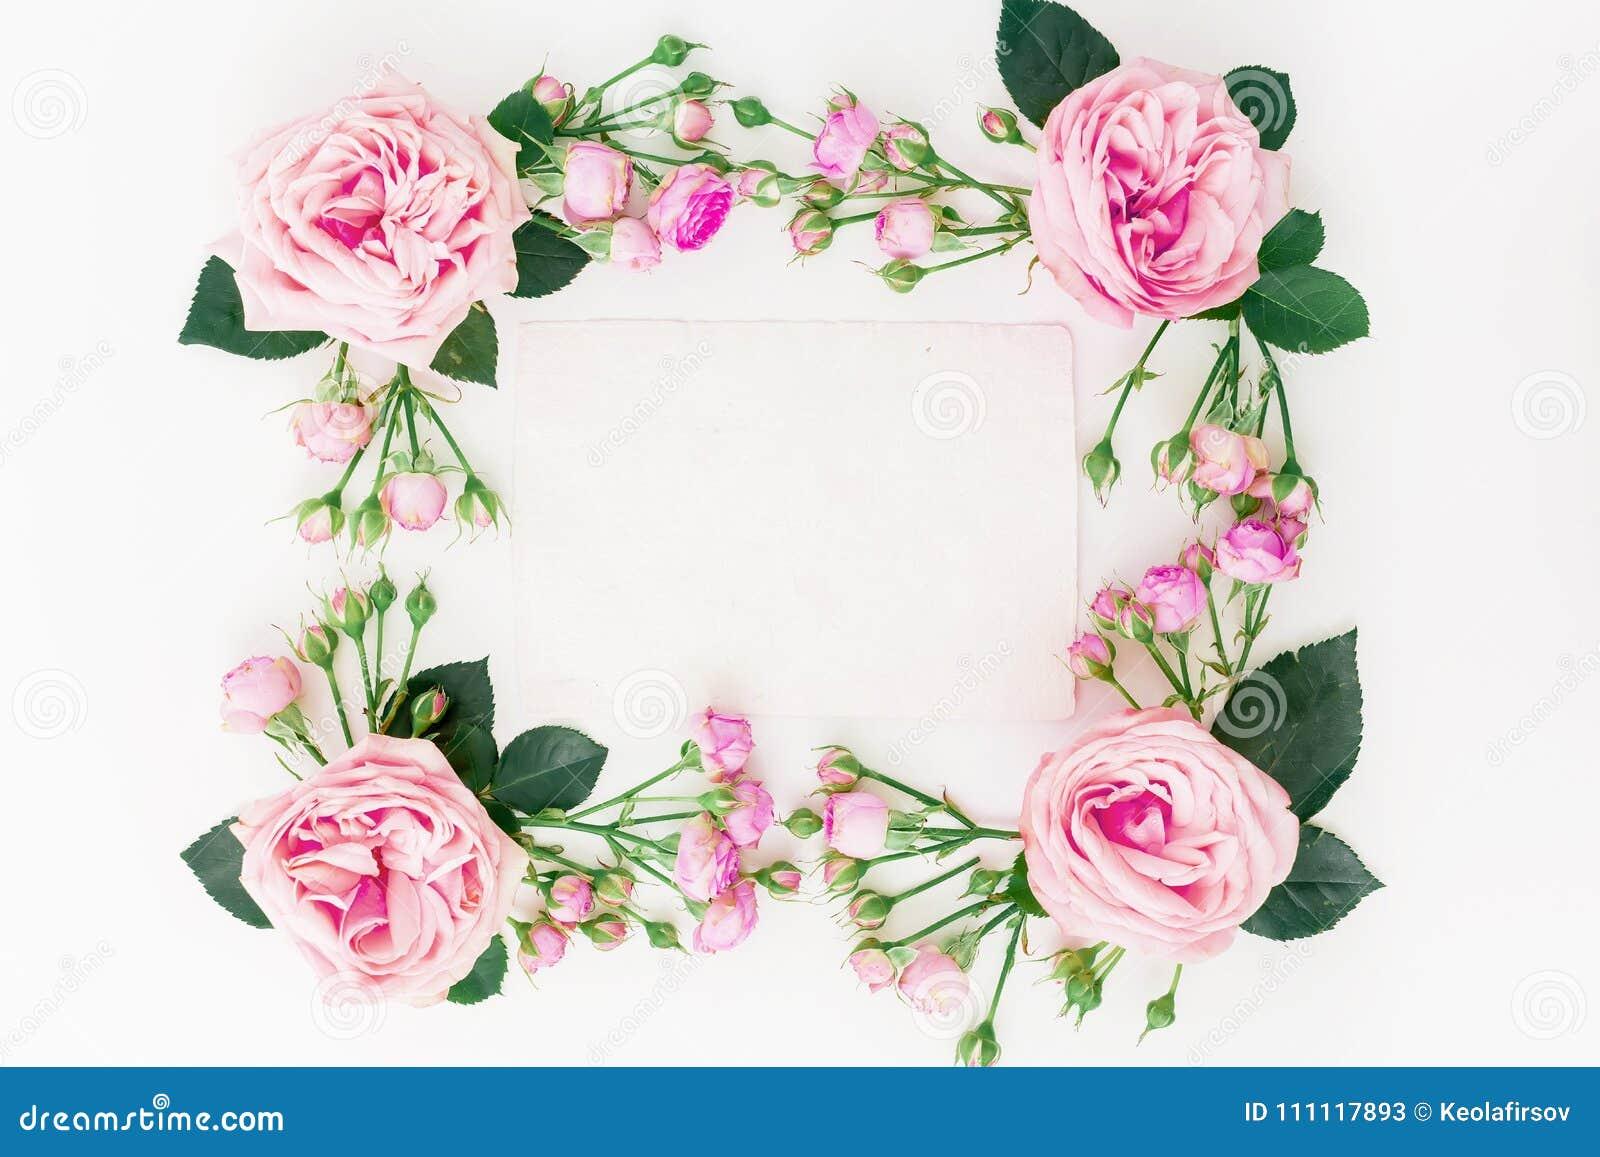 Blumenrahmen Mit Rosa Rosen, Den Knospen, Den Blättern Und ...